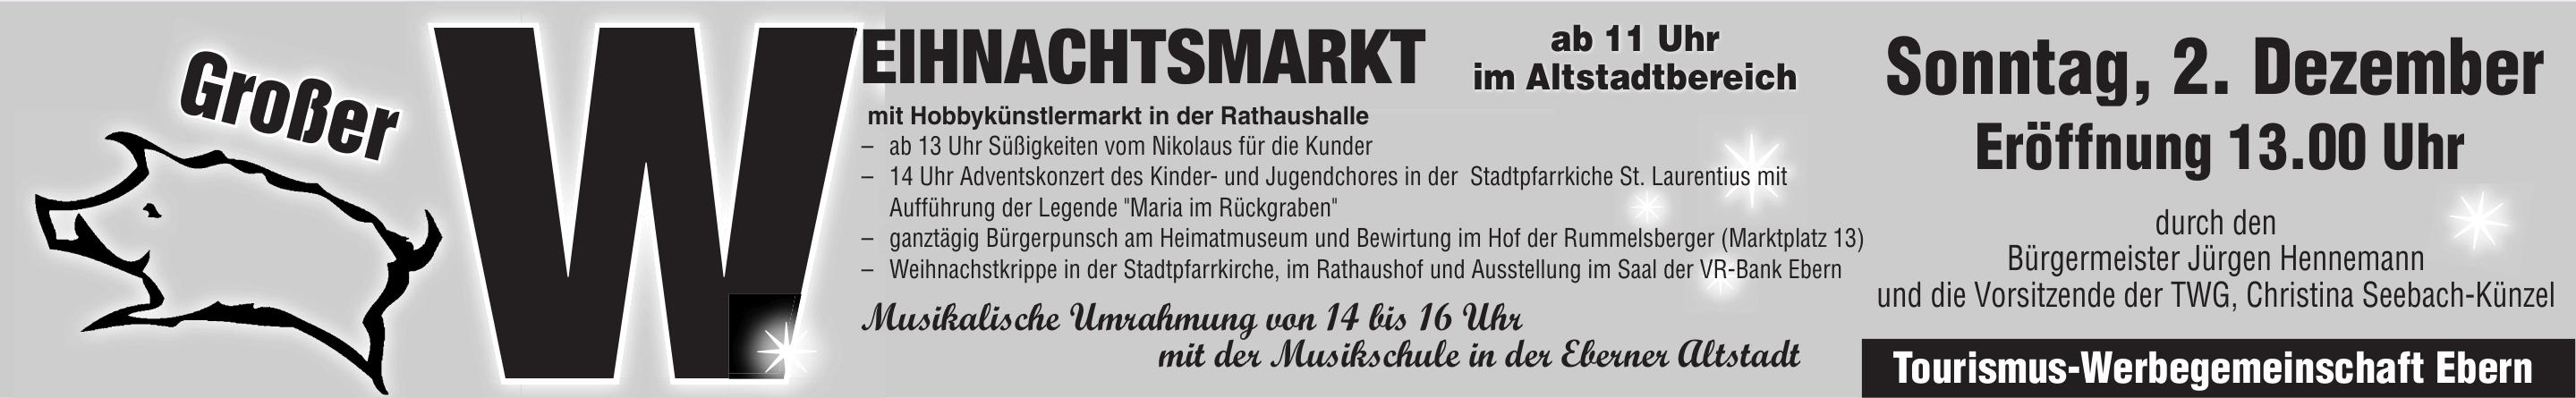 Tourismus-Werbegemeinschaft Ebern